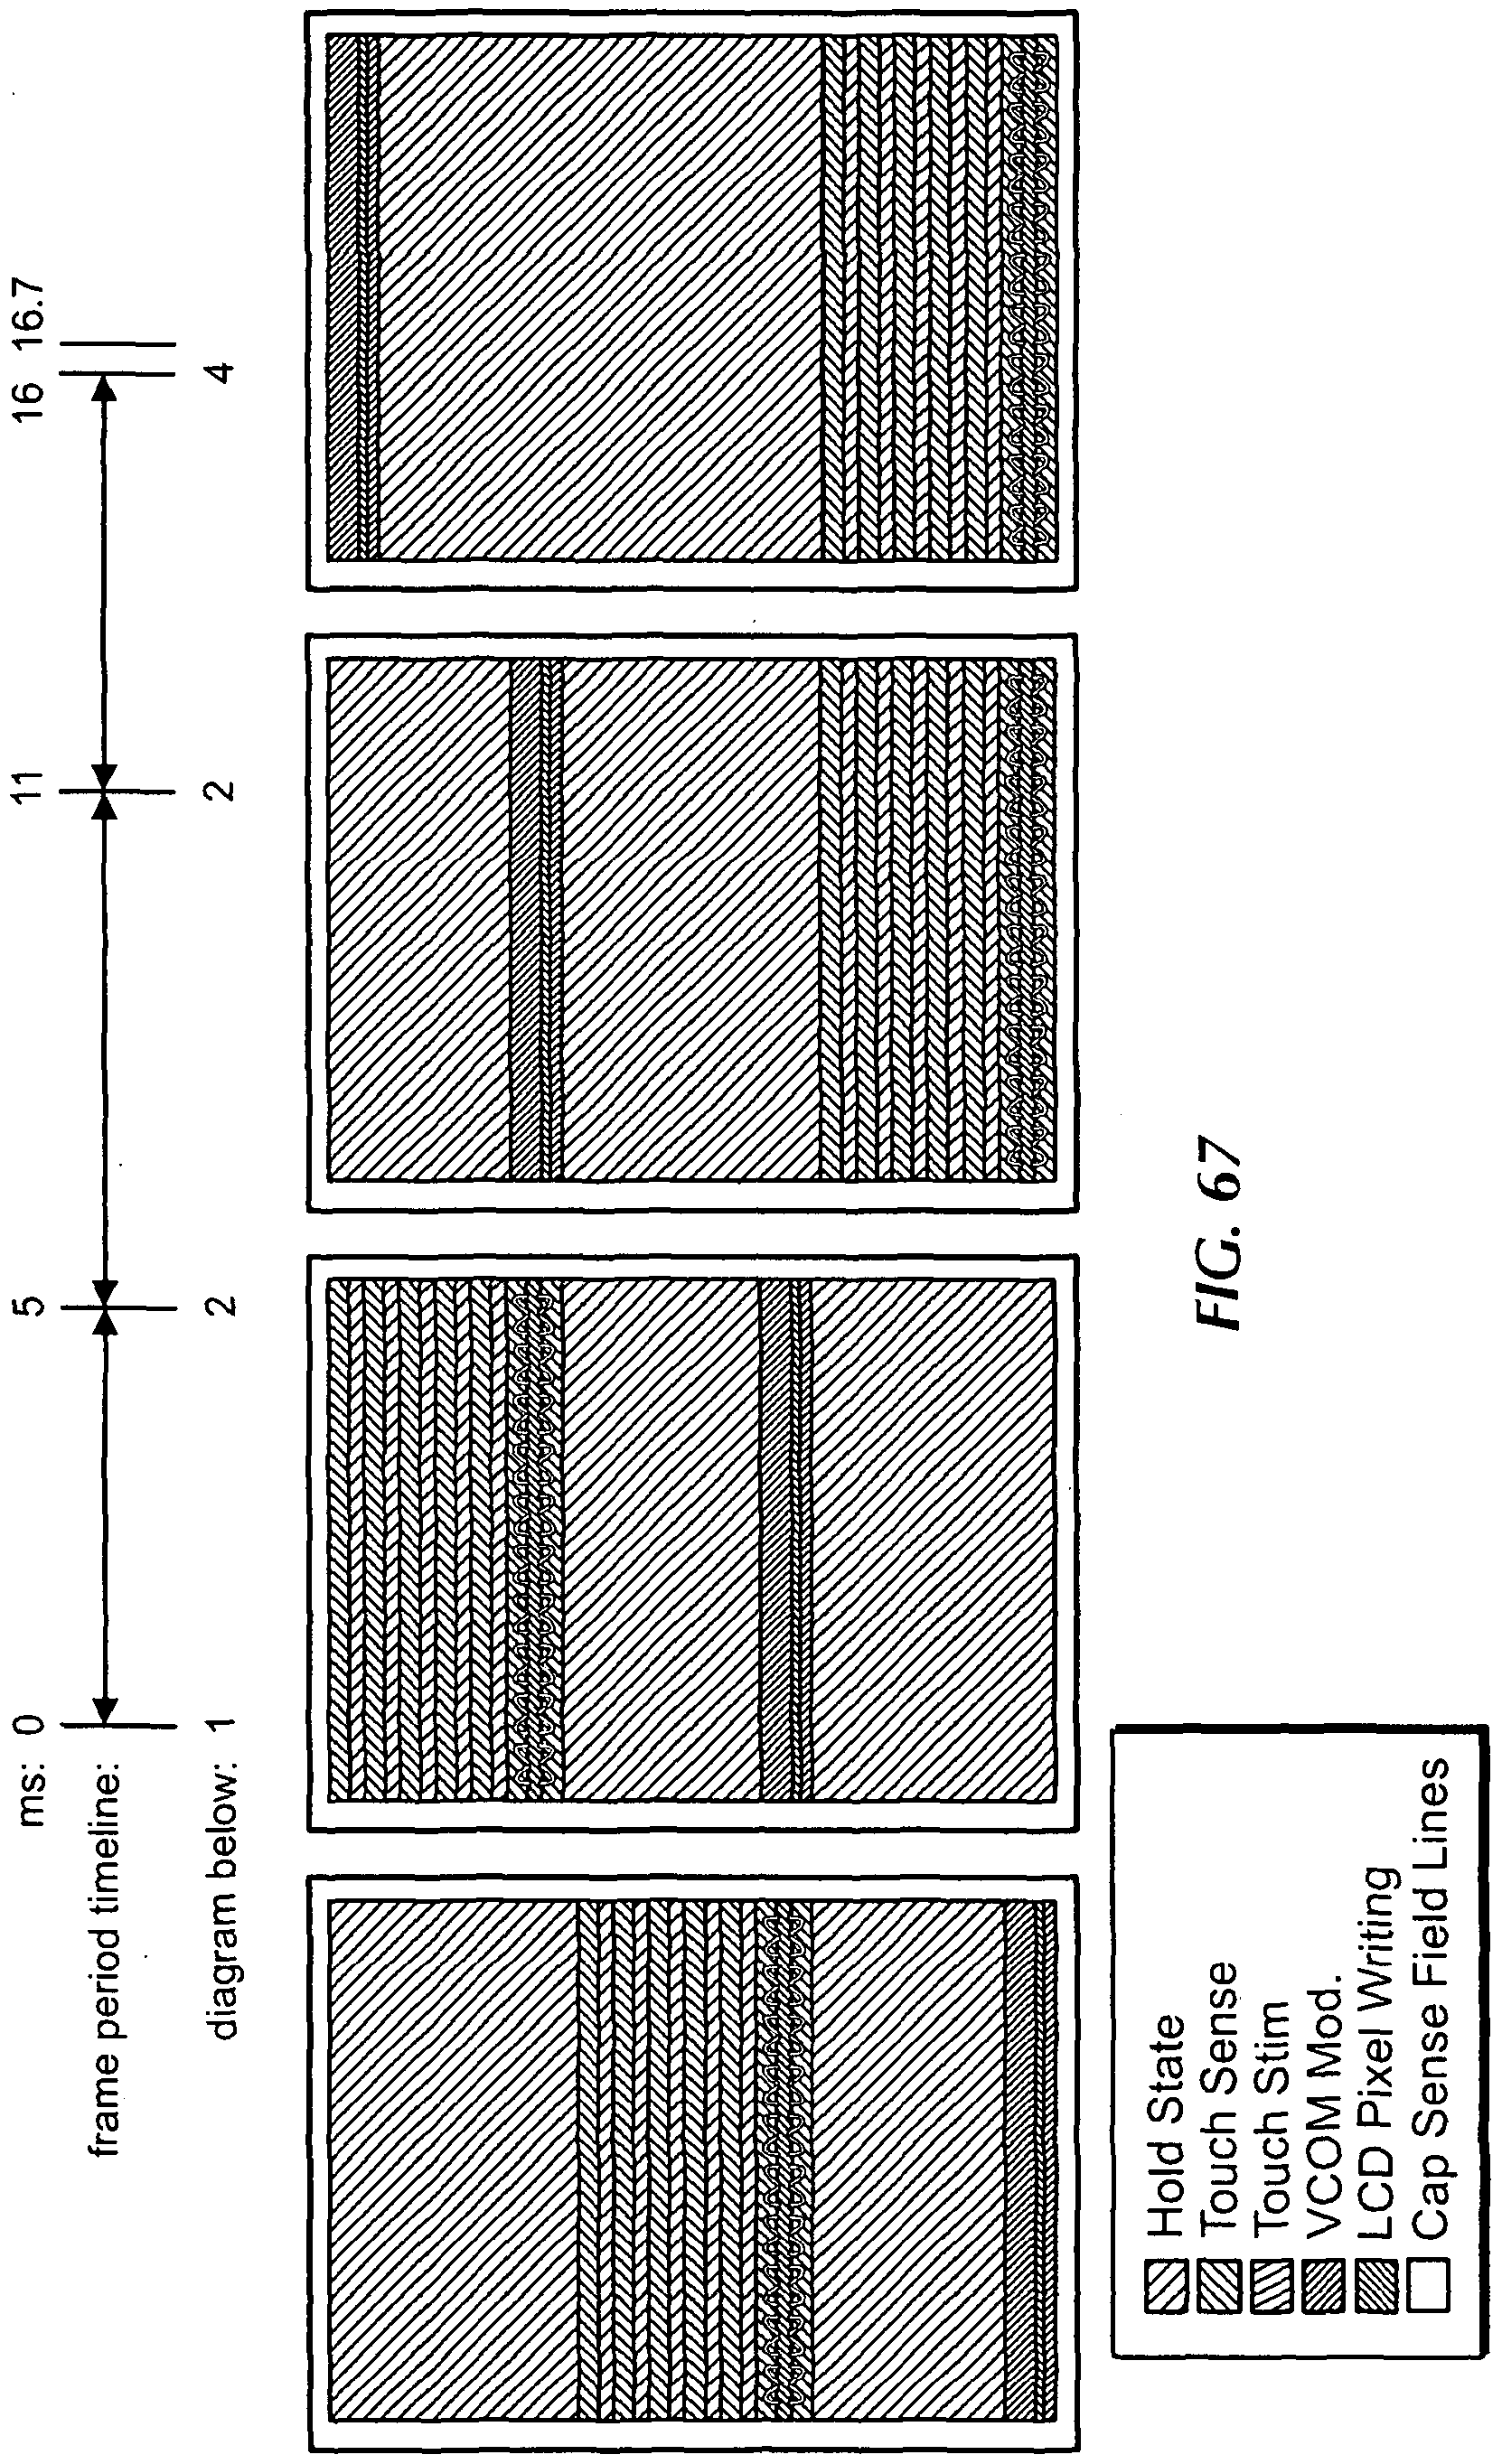 Figure imgf000121_0001